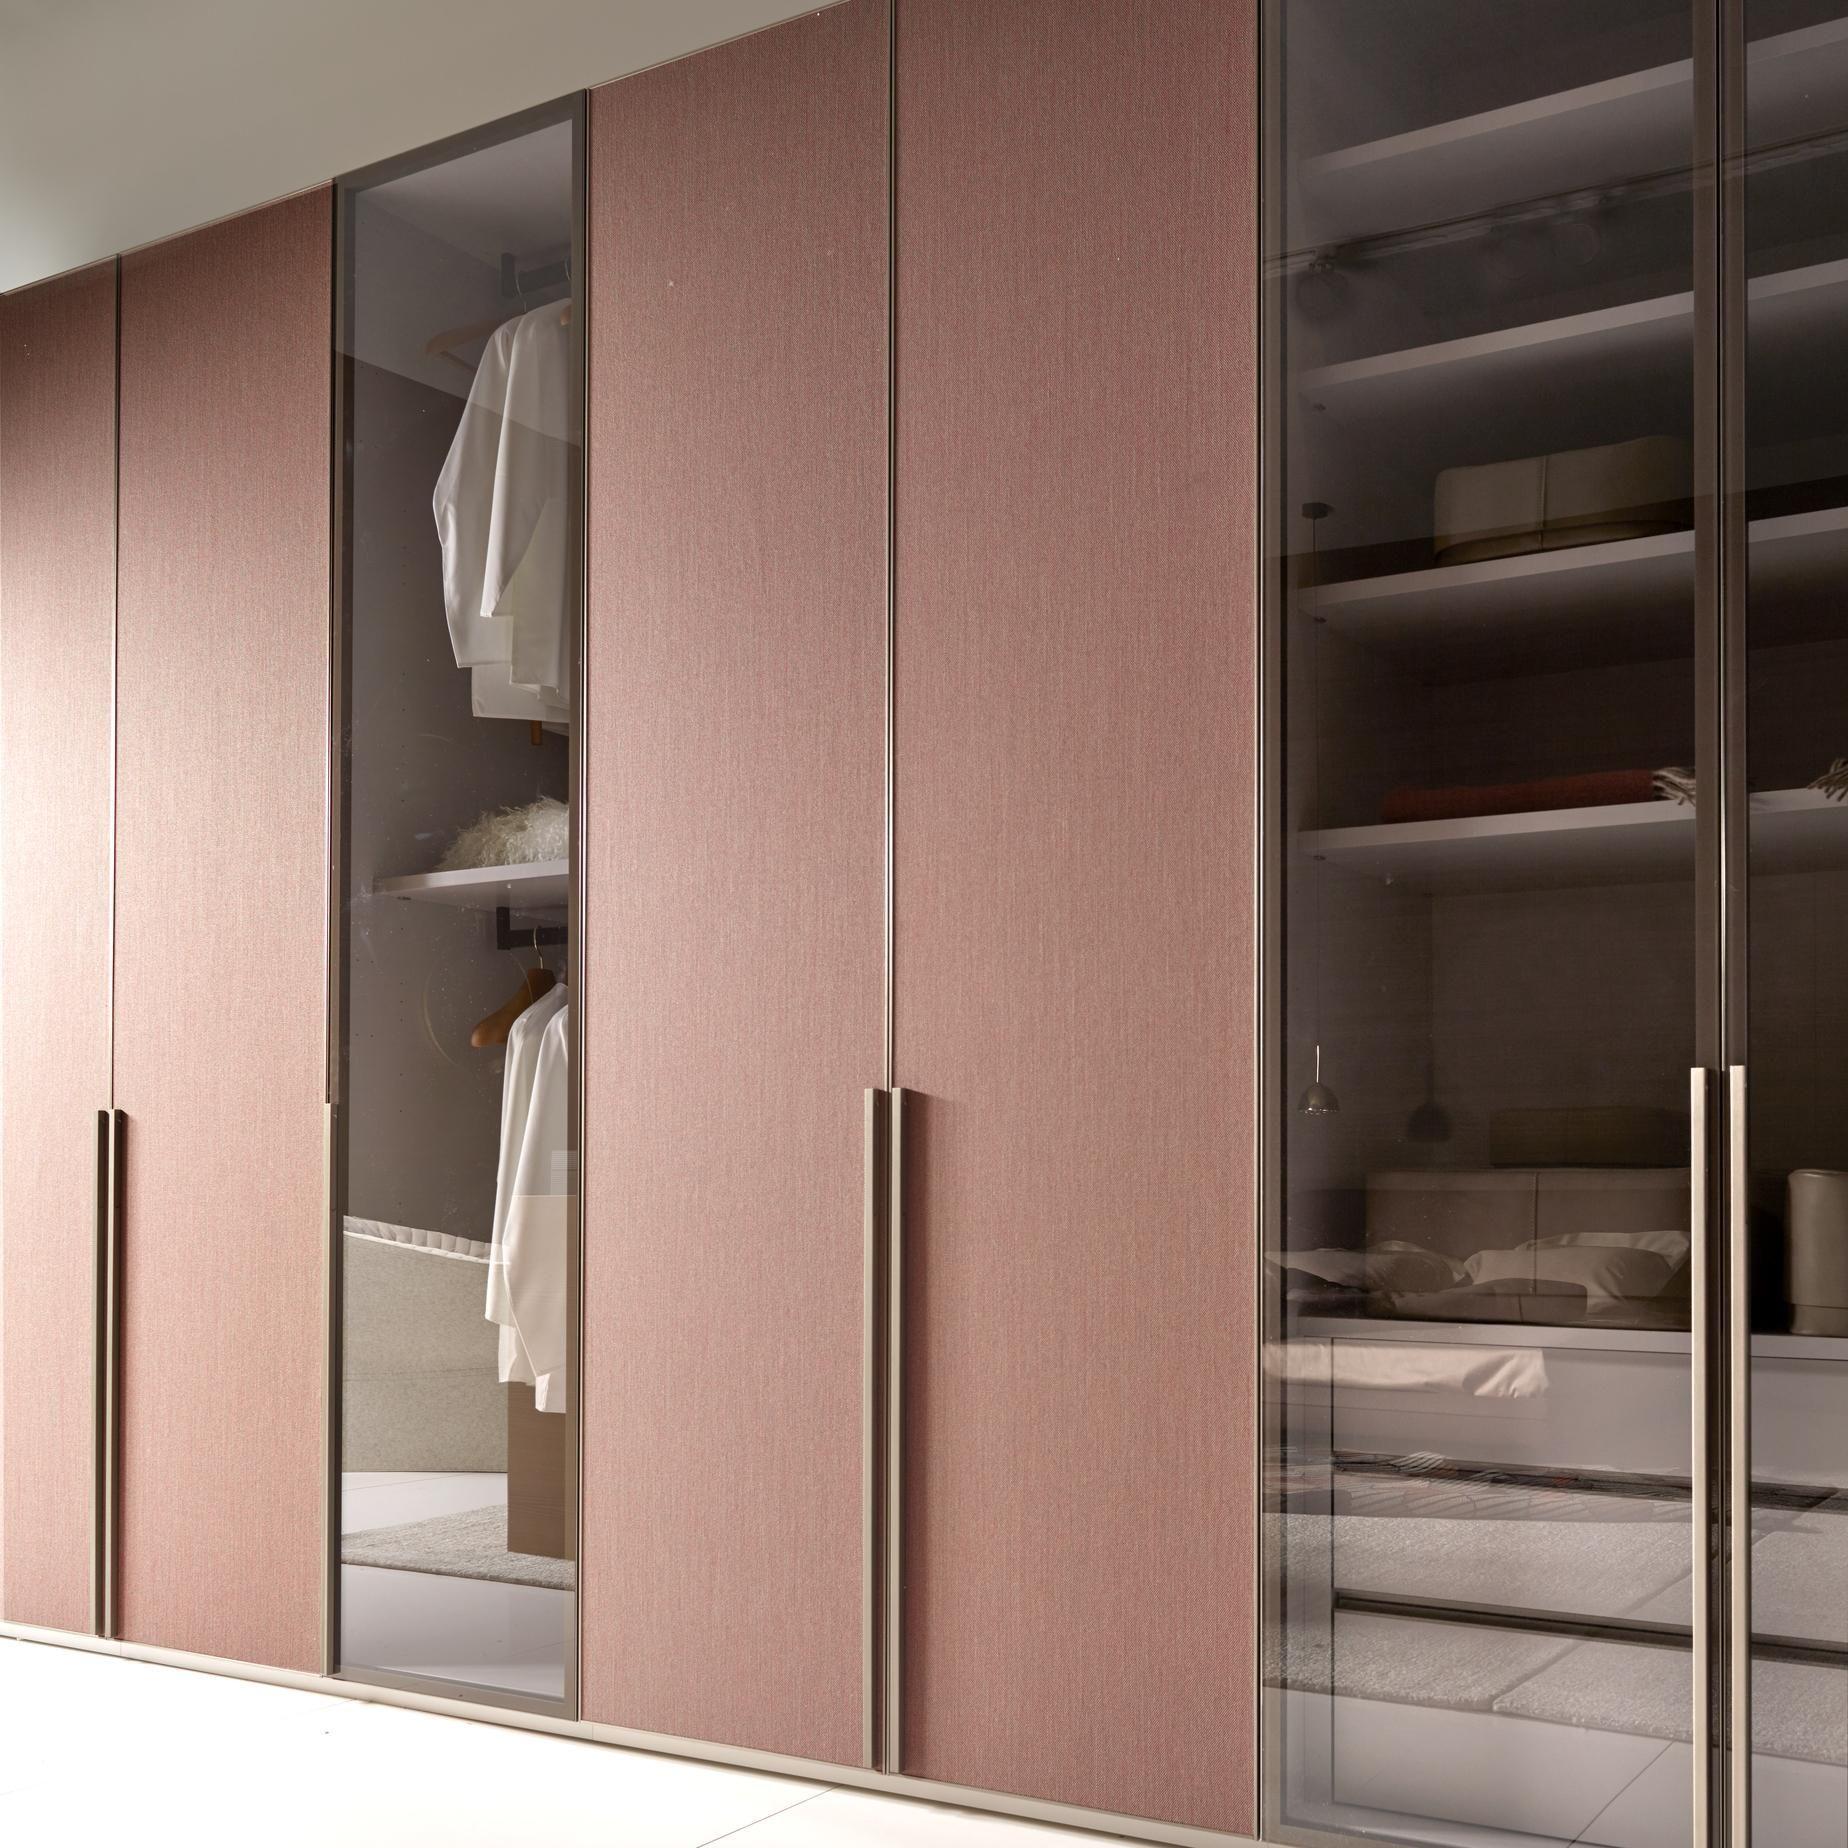 Modèle De Placard Dressing ethan, wardrobes designer : | ligne roset | modèle placard